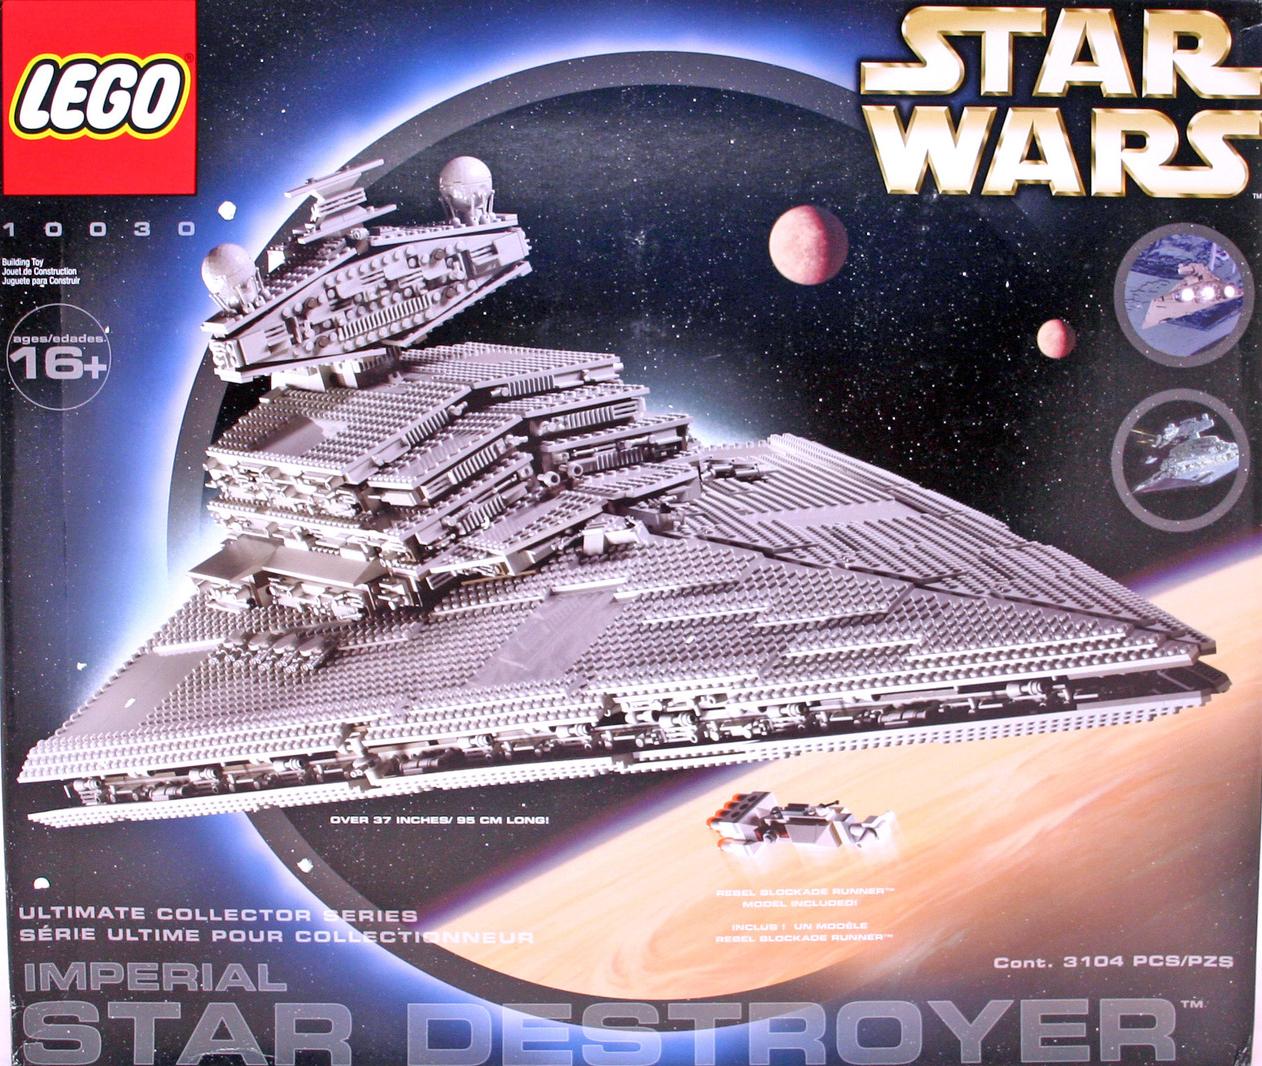 Nuove informazioni sul probabile LEGO Star Wars Imperial Star Destroyer UCS